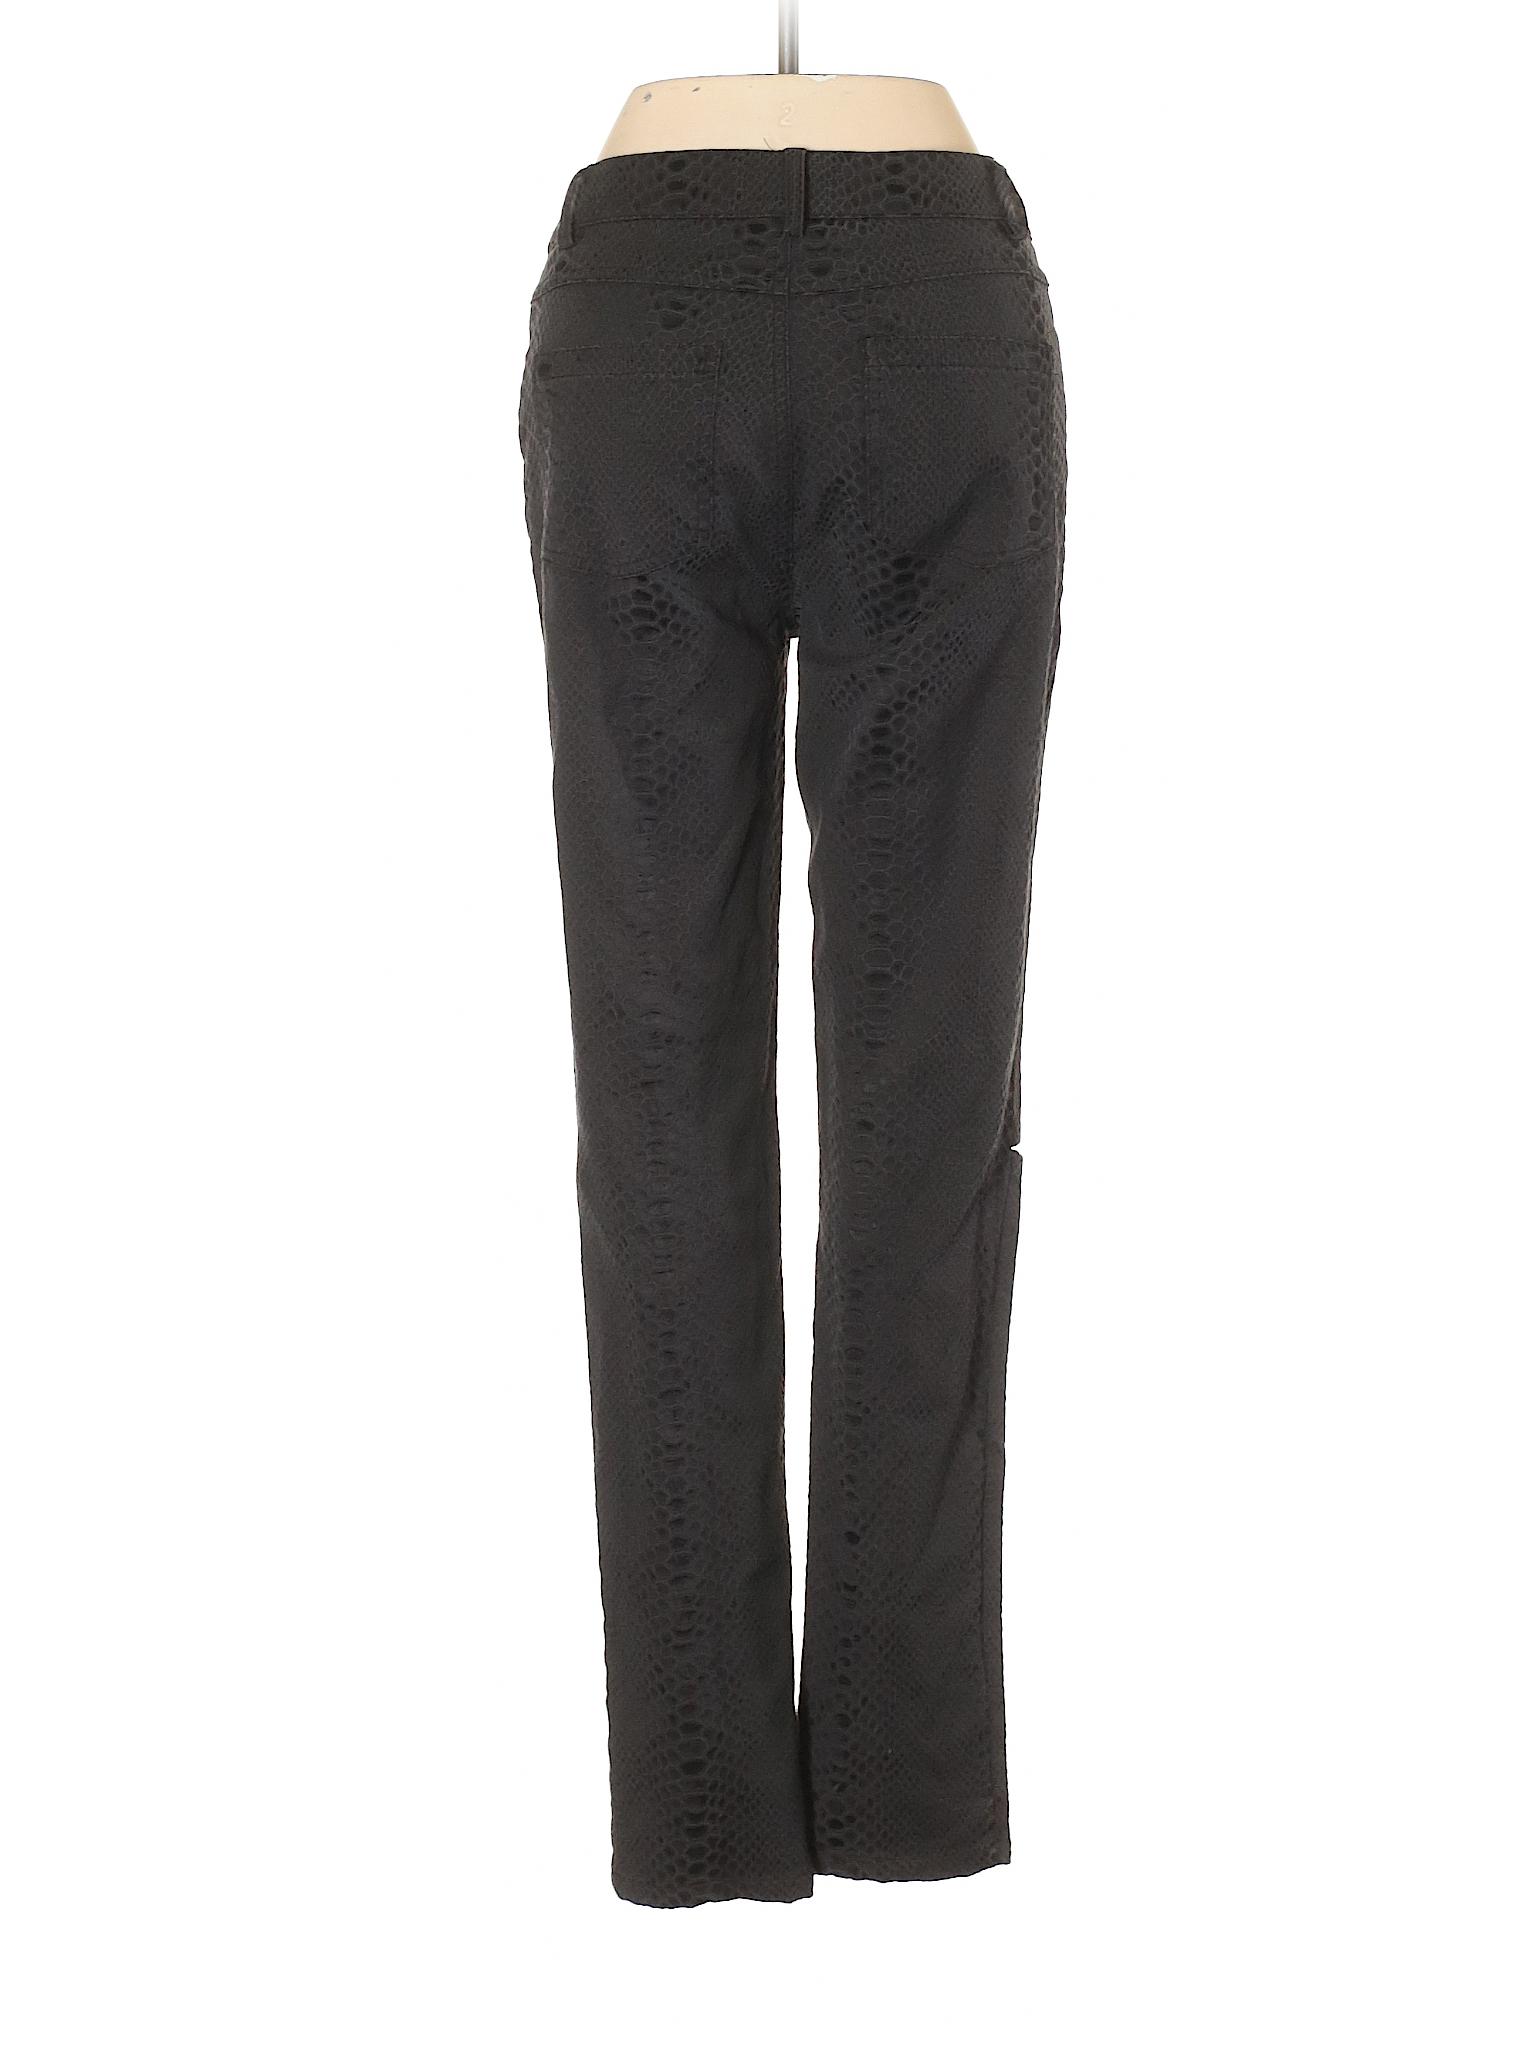 Boutique Twin Casual Evil Pants Boutique Casual Pants Twin Evil tqECfgw